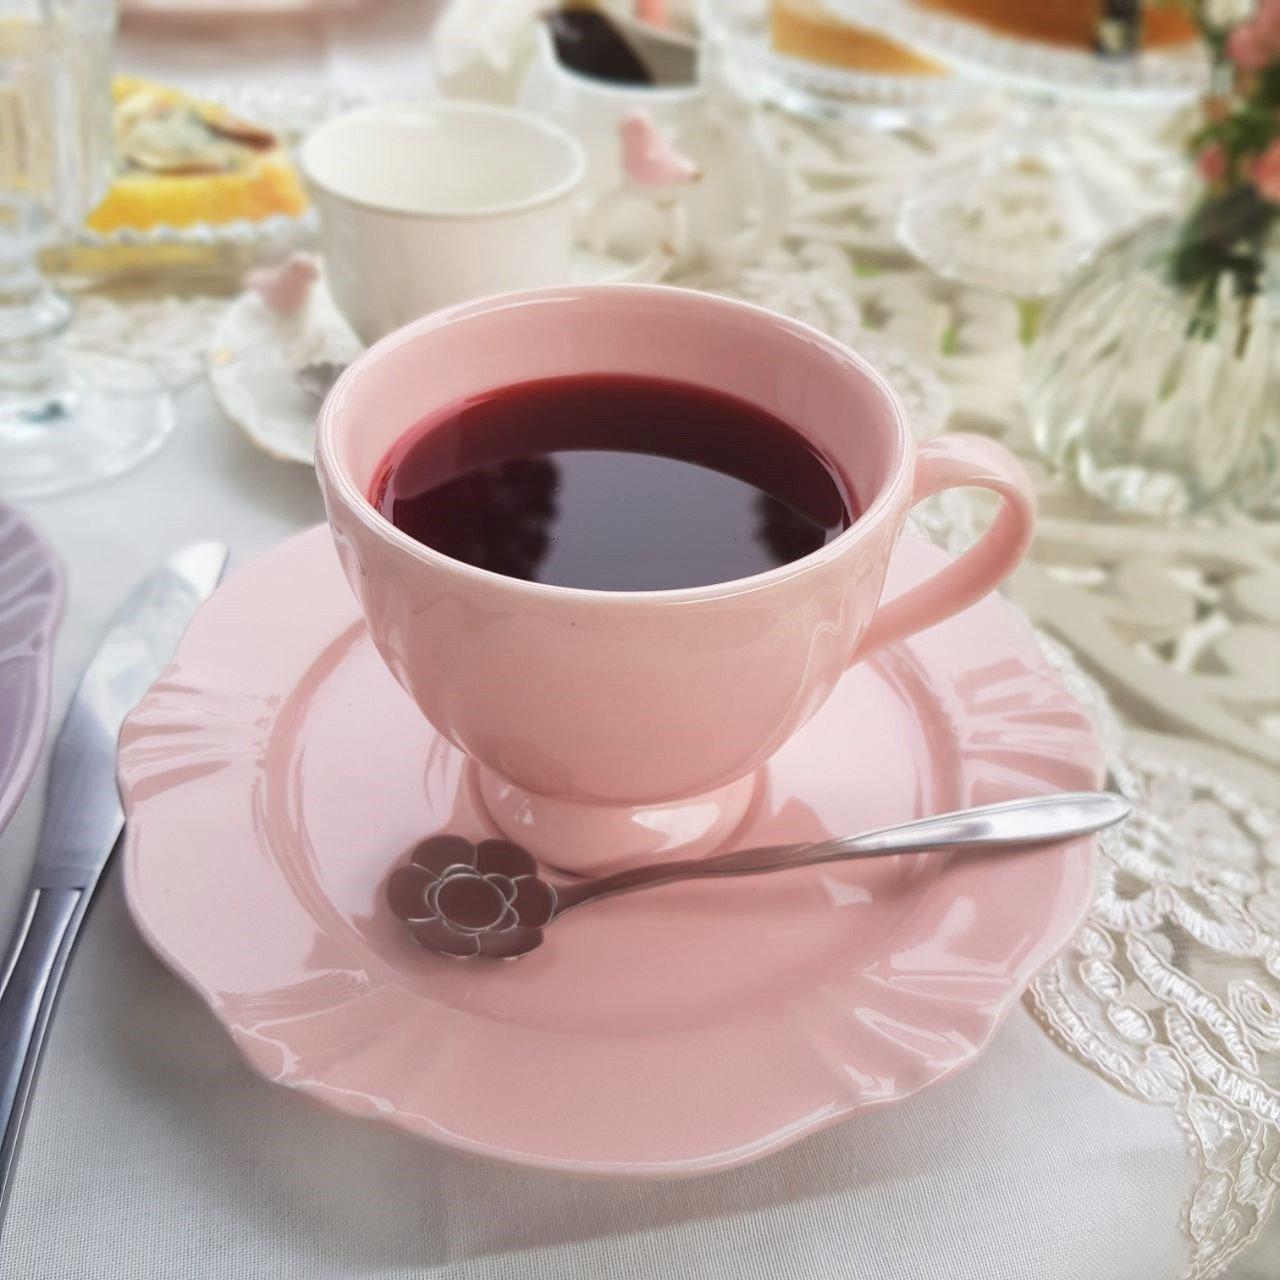 089848 xicara cha com pires porcelana 6 pecas 200ml soleil blush oxford casa cafe mel